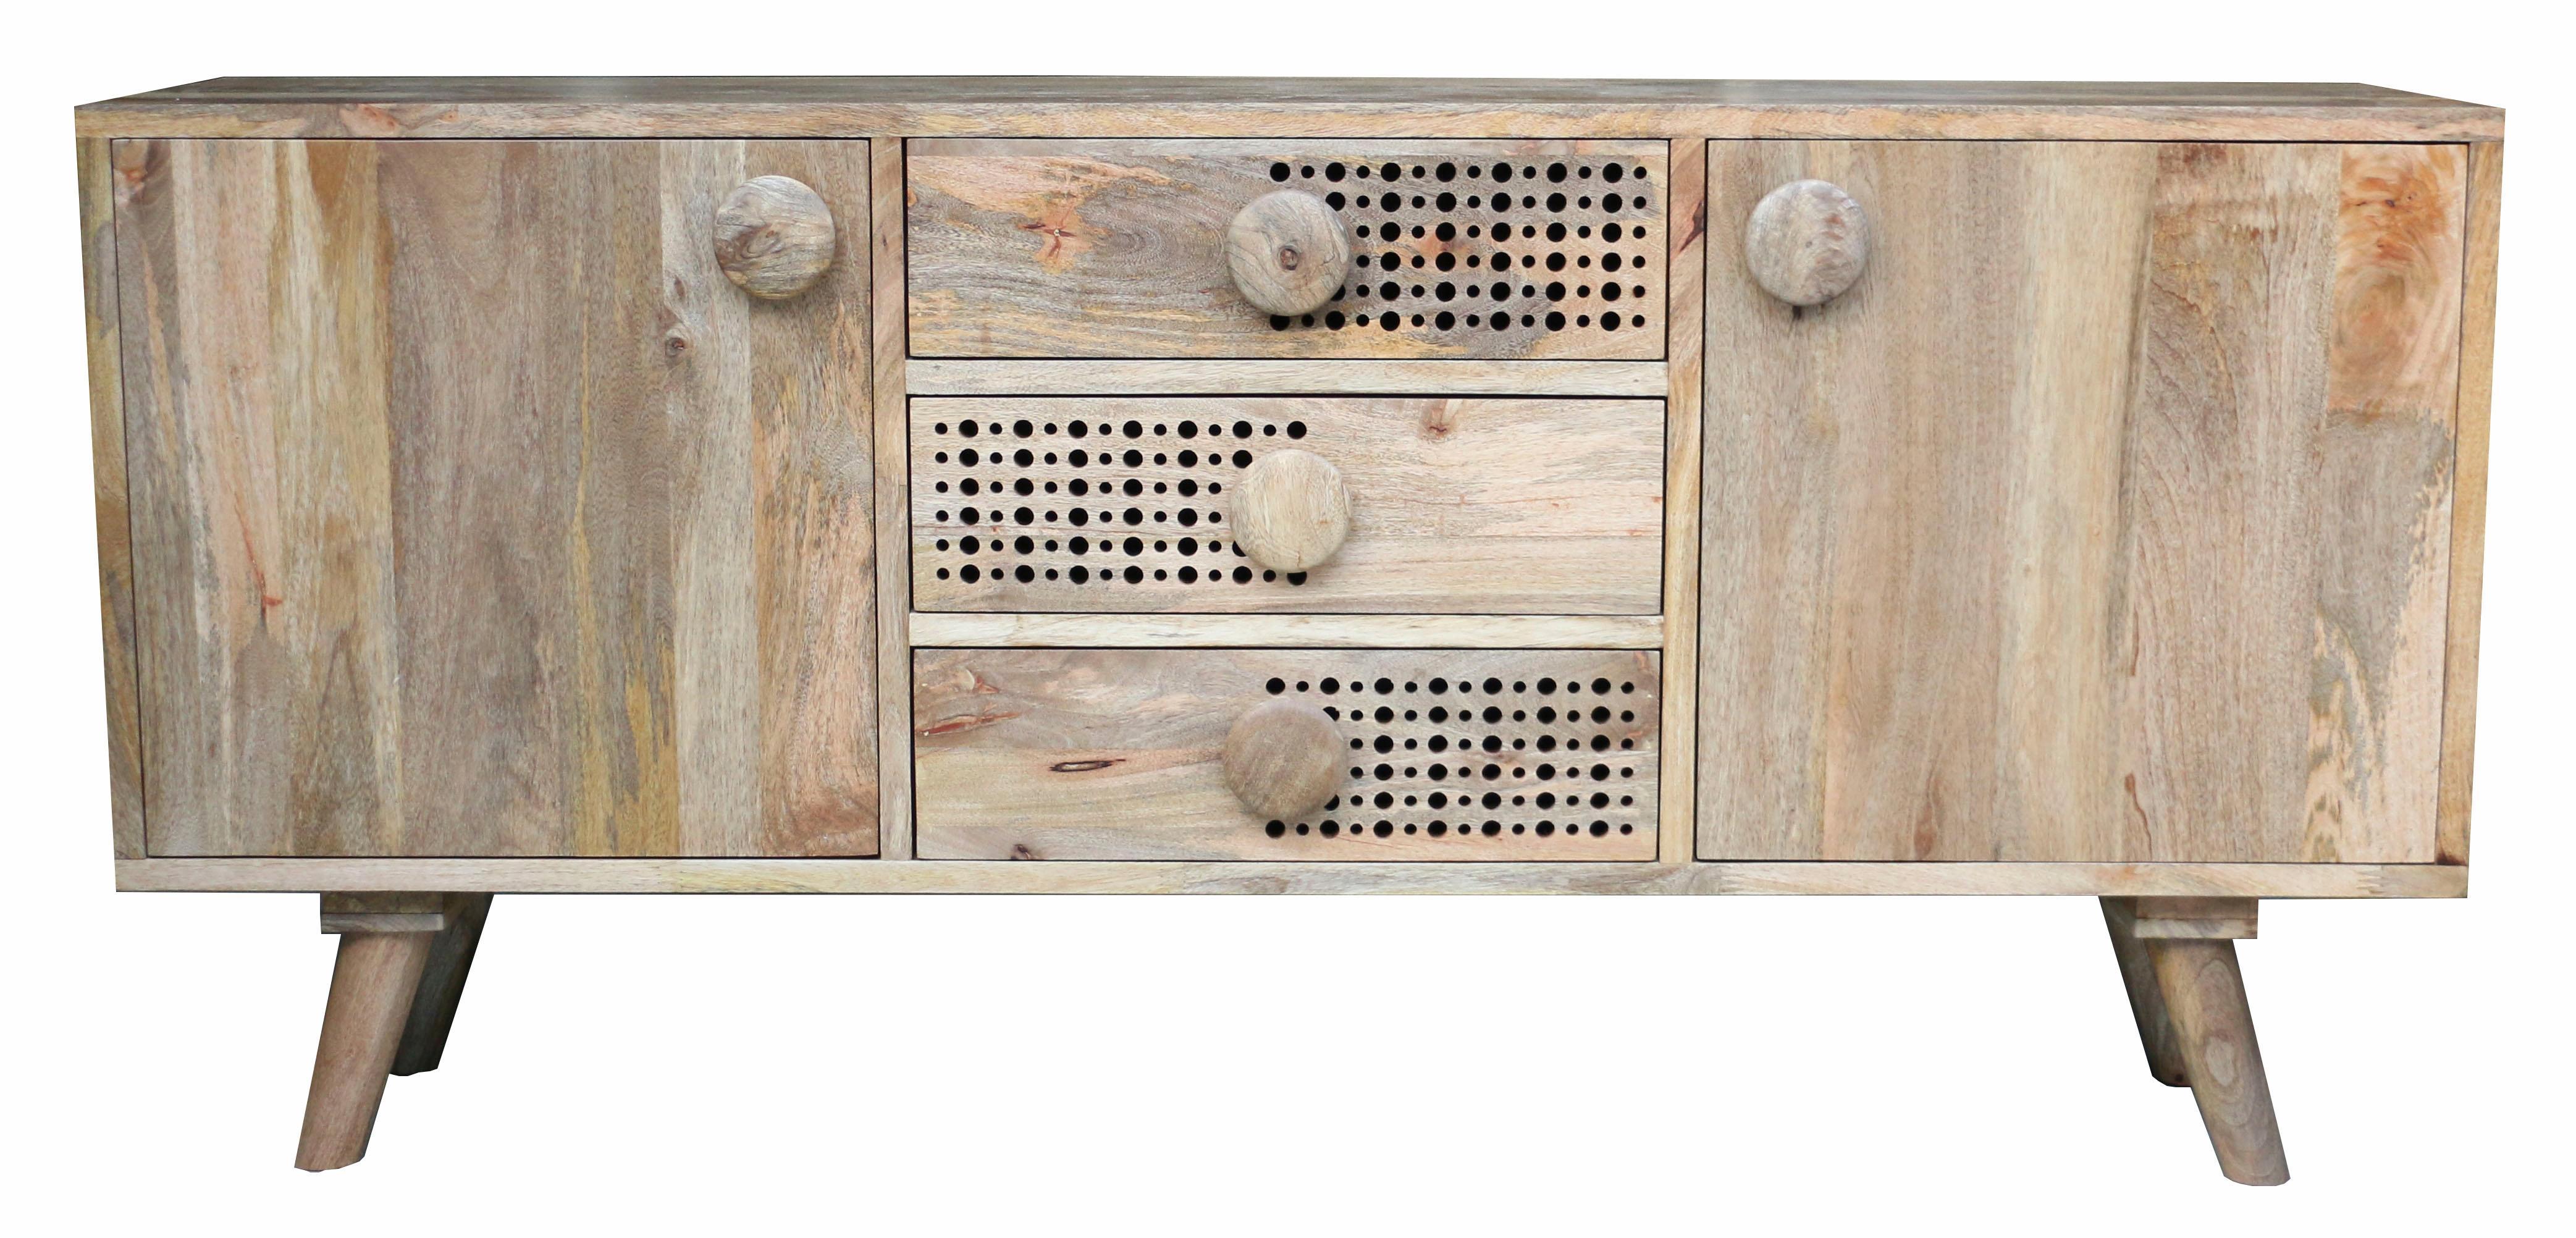 Home affaire Sideboard Dell Breite 180 cm mit dekorativem Lochmuster in den Schubladenfronten